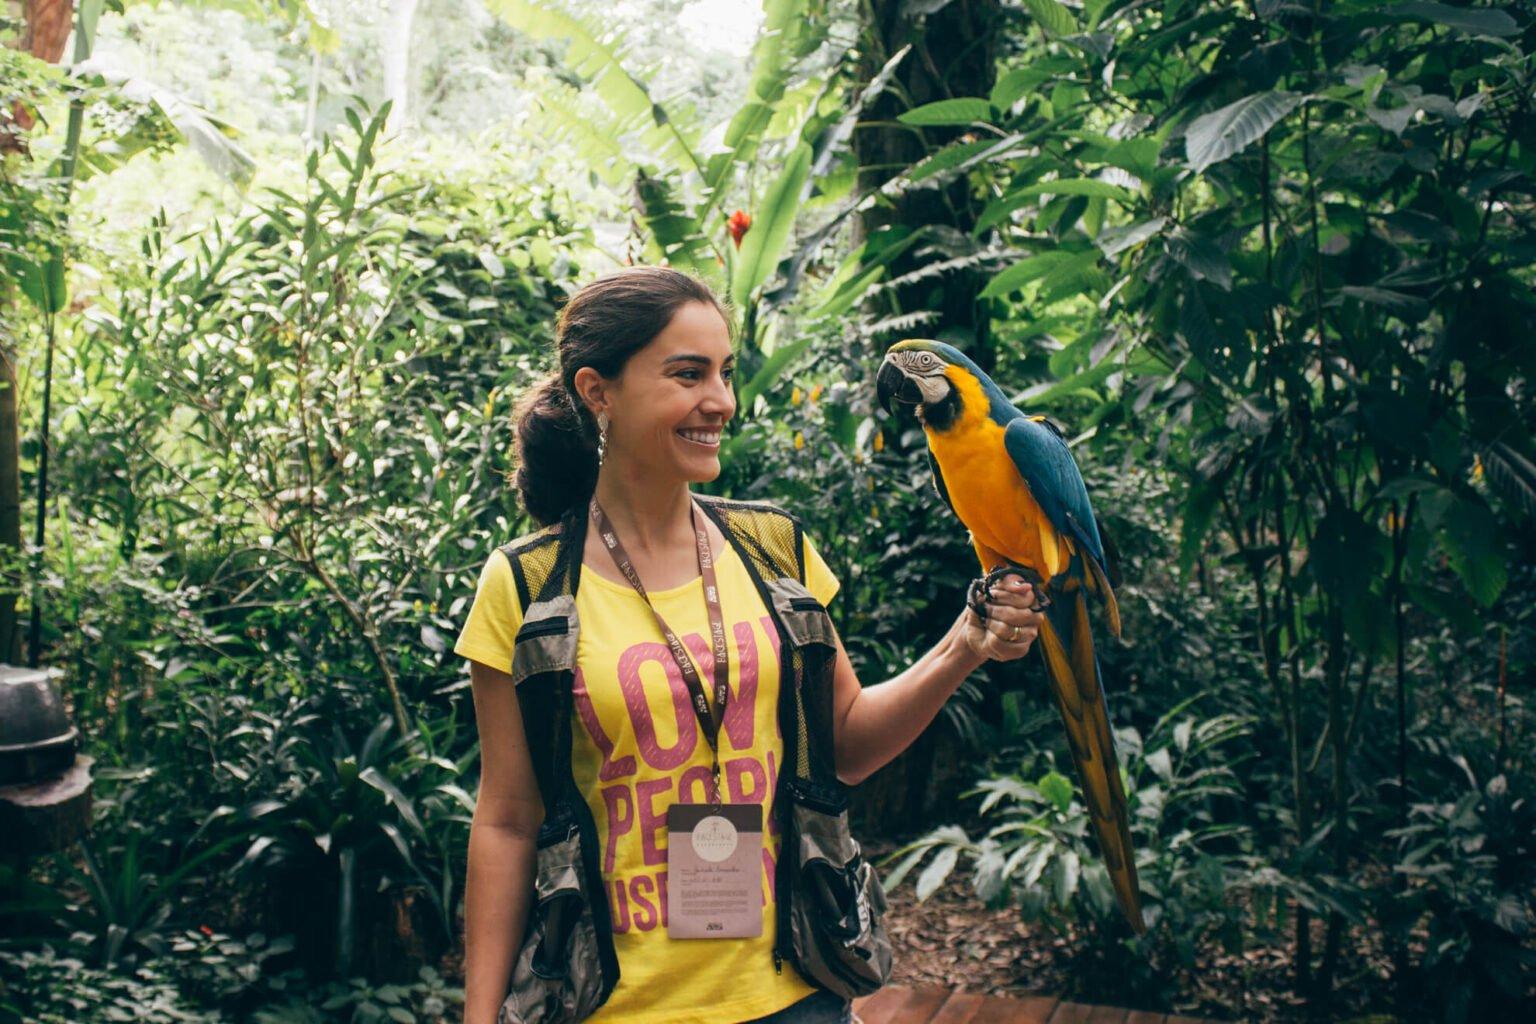 Um dos momentos mais emocionantes do Backstage: a foto com a arara - Backstage Experience, Parque das Aves